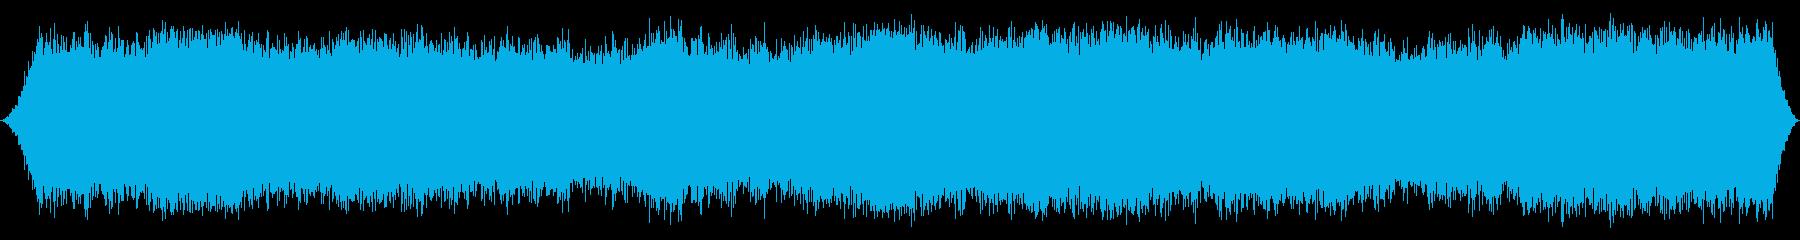 オーシャンストームウィンド:コンス...の再生済みの波形